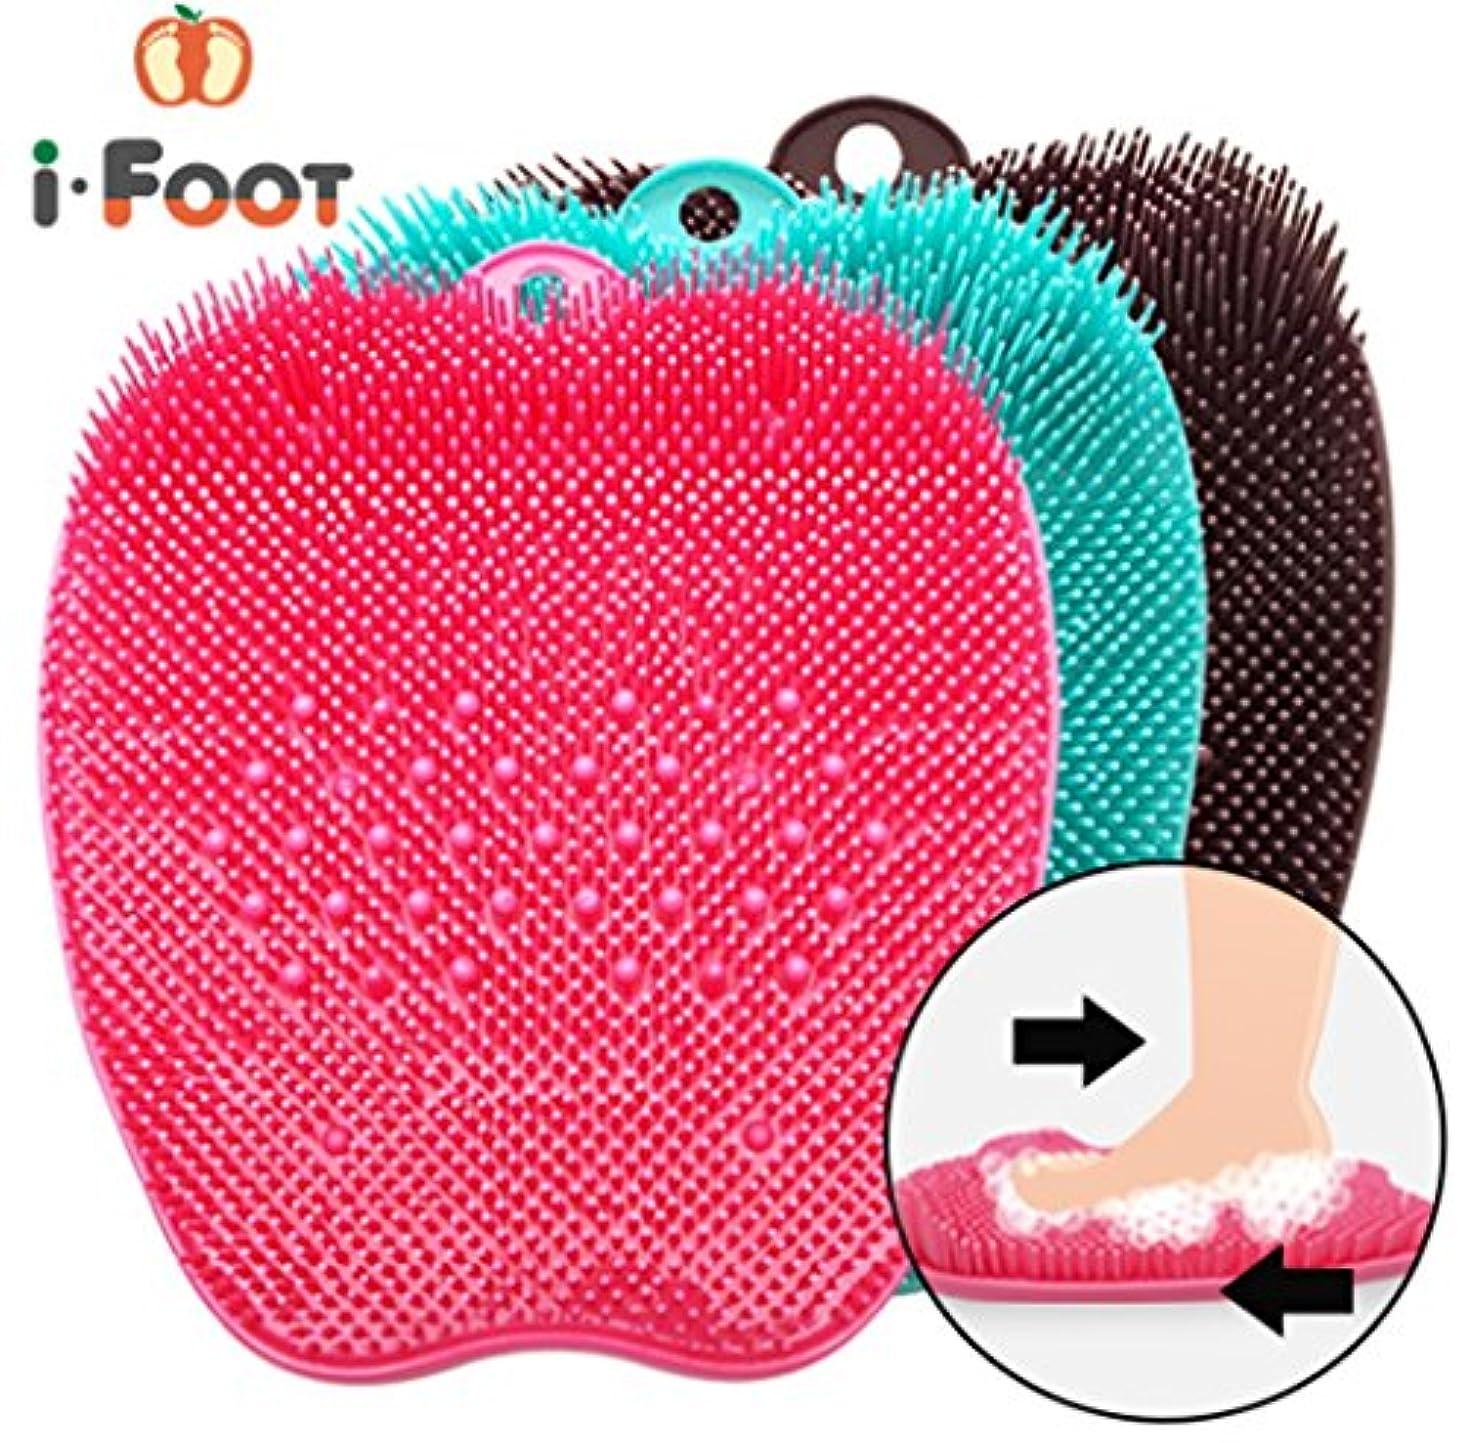 つぼみ単語電卓[アイフット] I-Foot 足ブラシ 角質除去 足の臭い除去 足ケア 洗浄 指圧版 マッサージ 半永久的使用 海外直送品 (Foot Brush Exfoliation Foot Odor Removal Foot Care...